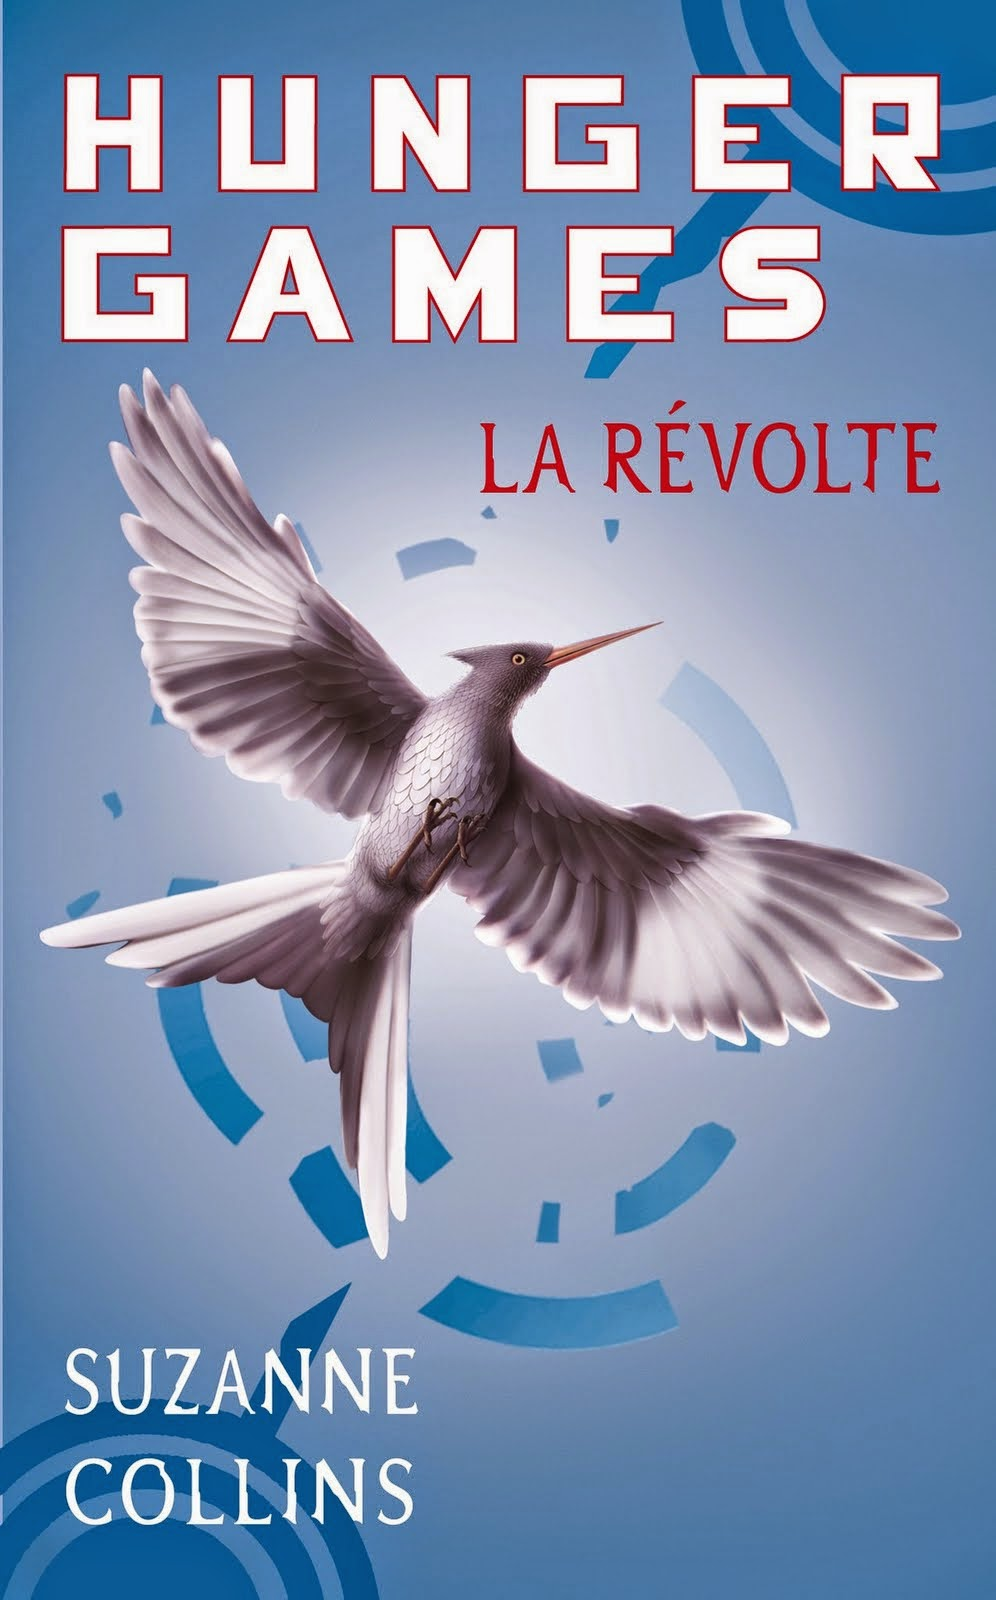 http://antredeslivres.blogspot.fr/2014/09/hunger-games-tome-3-la-revolte.html